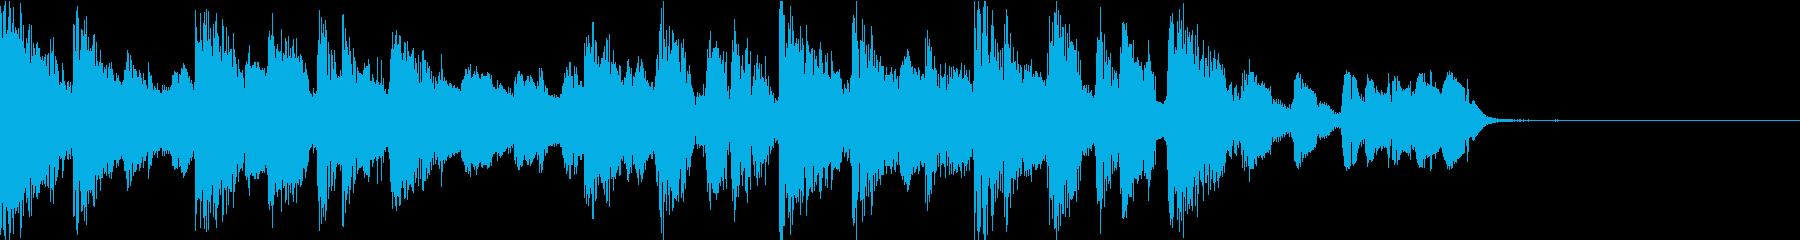 ラフでダウンテンポのテクノ/ロック...の再生済みの波形